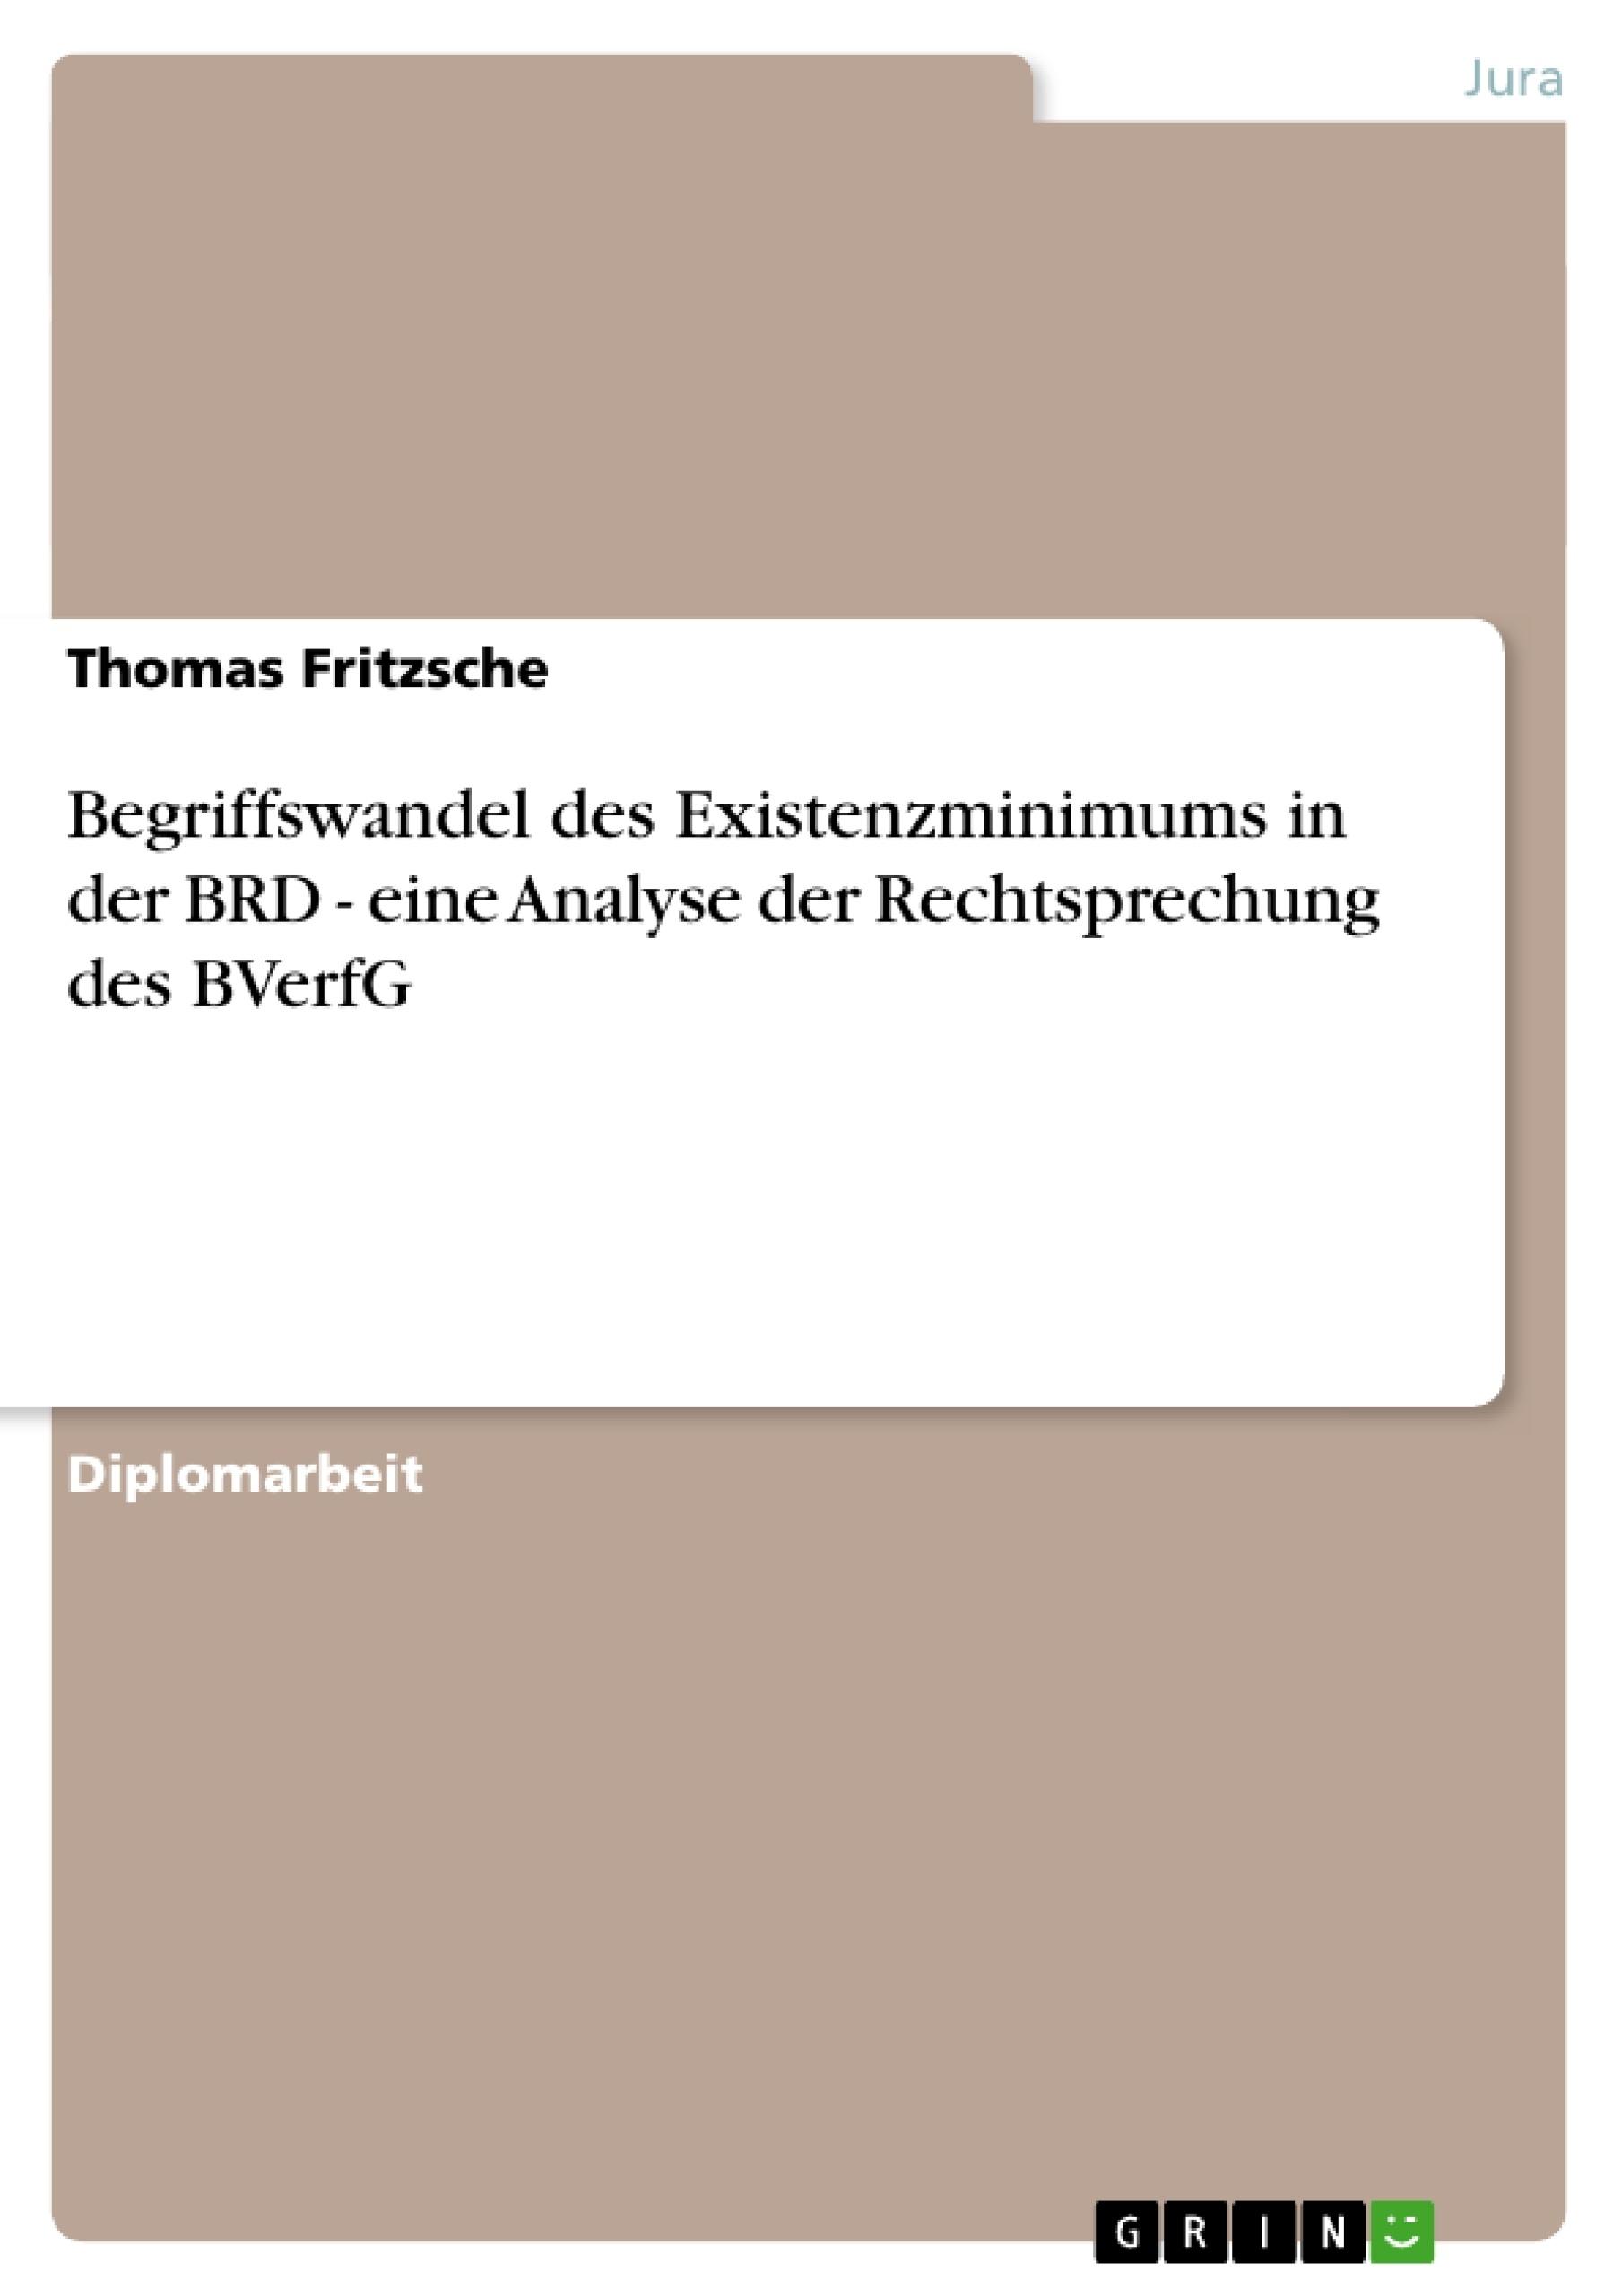 Titel: Begriffswandel des Existenzminimums in der BRD  -  eine Analyse der Rechtsprechung des BVerfG